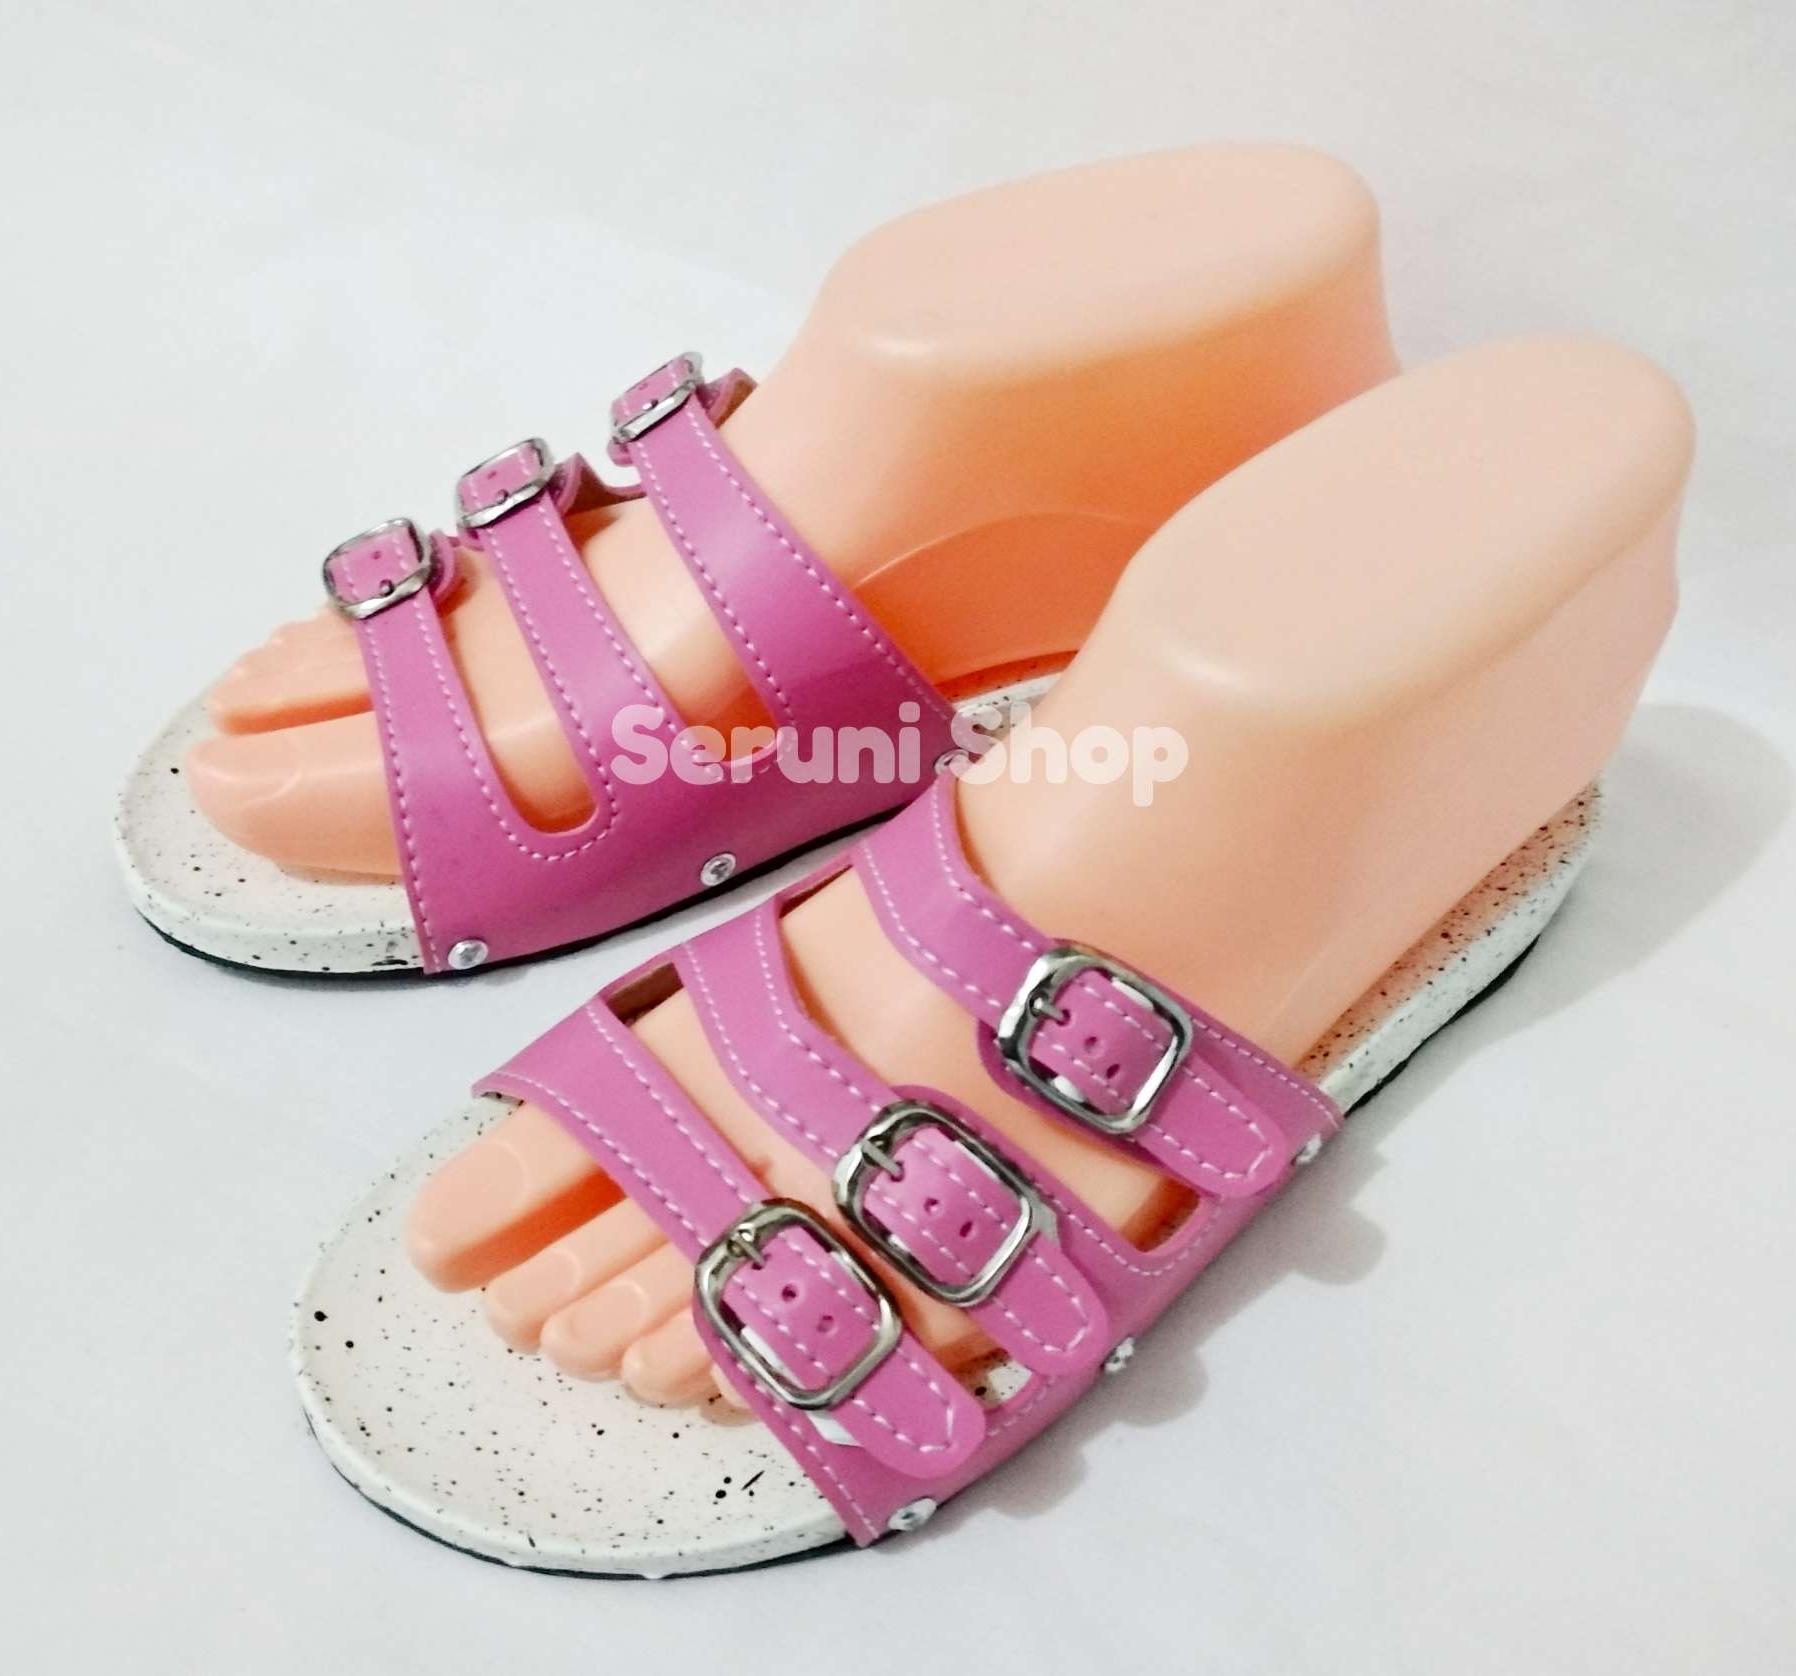 Seruni Flat Sandals Gesper 3 Tali Pink